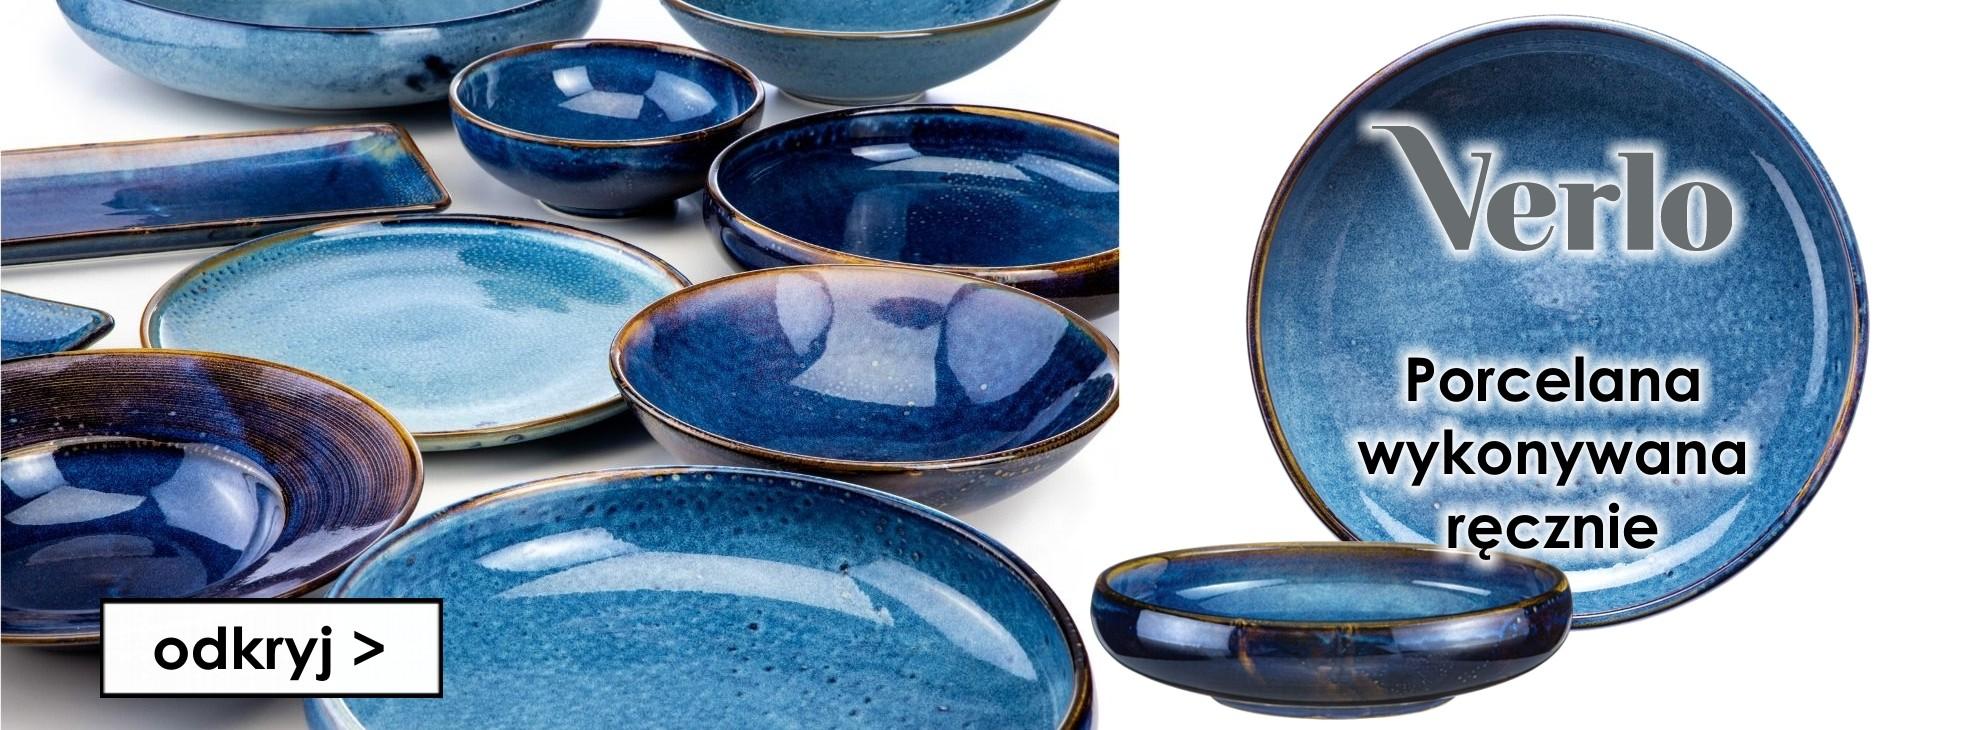 Nowa porcelana - wykonywana ręcznie marki VERLO